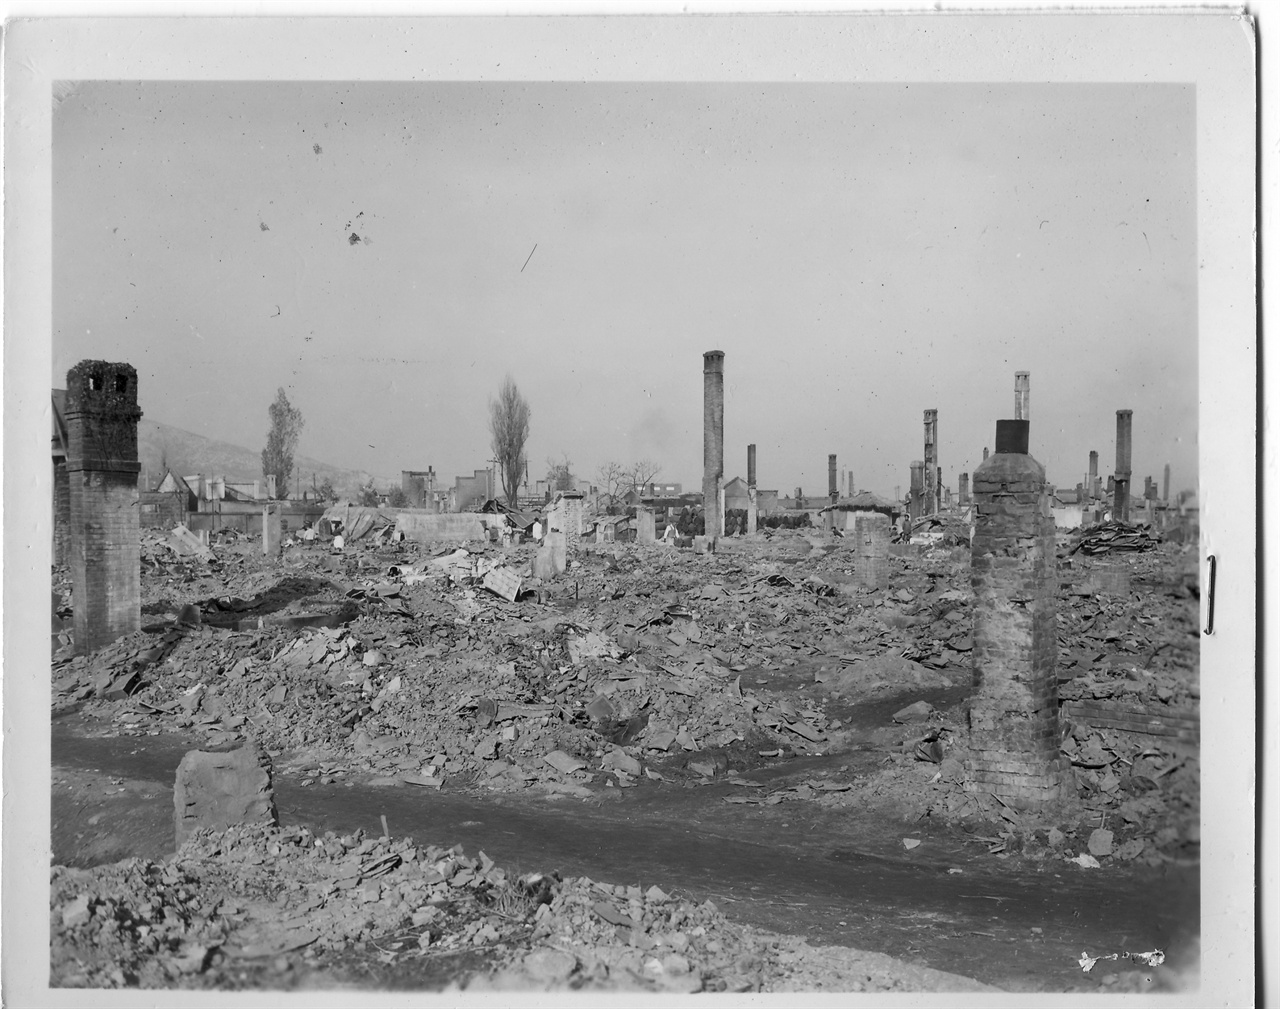 1950. 11. 20 원산, 전란으로 도시 전체가 파괴되고 건물 기둥과 굴뚝 일부만 남아 있다.